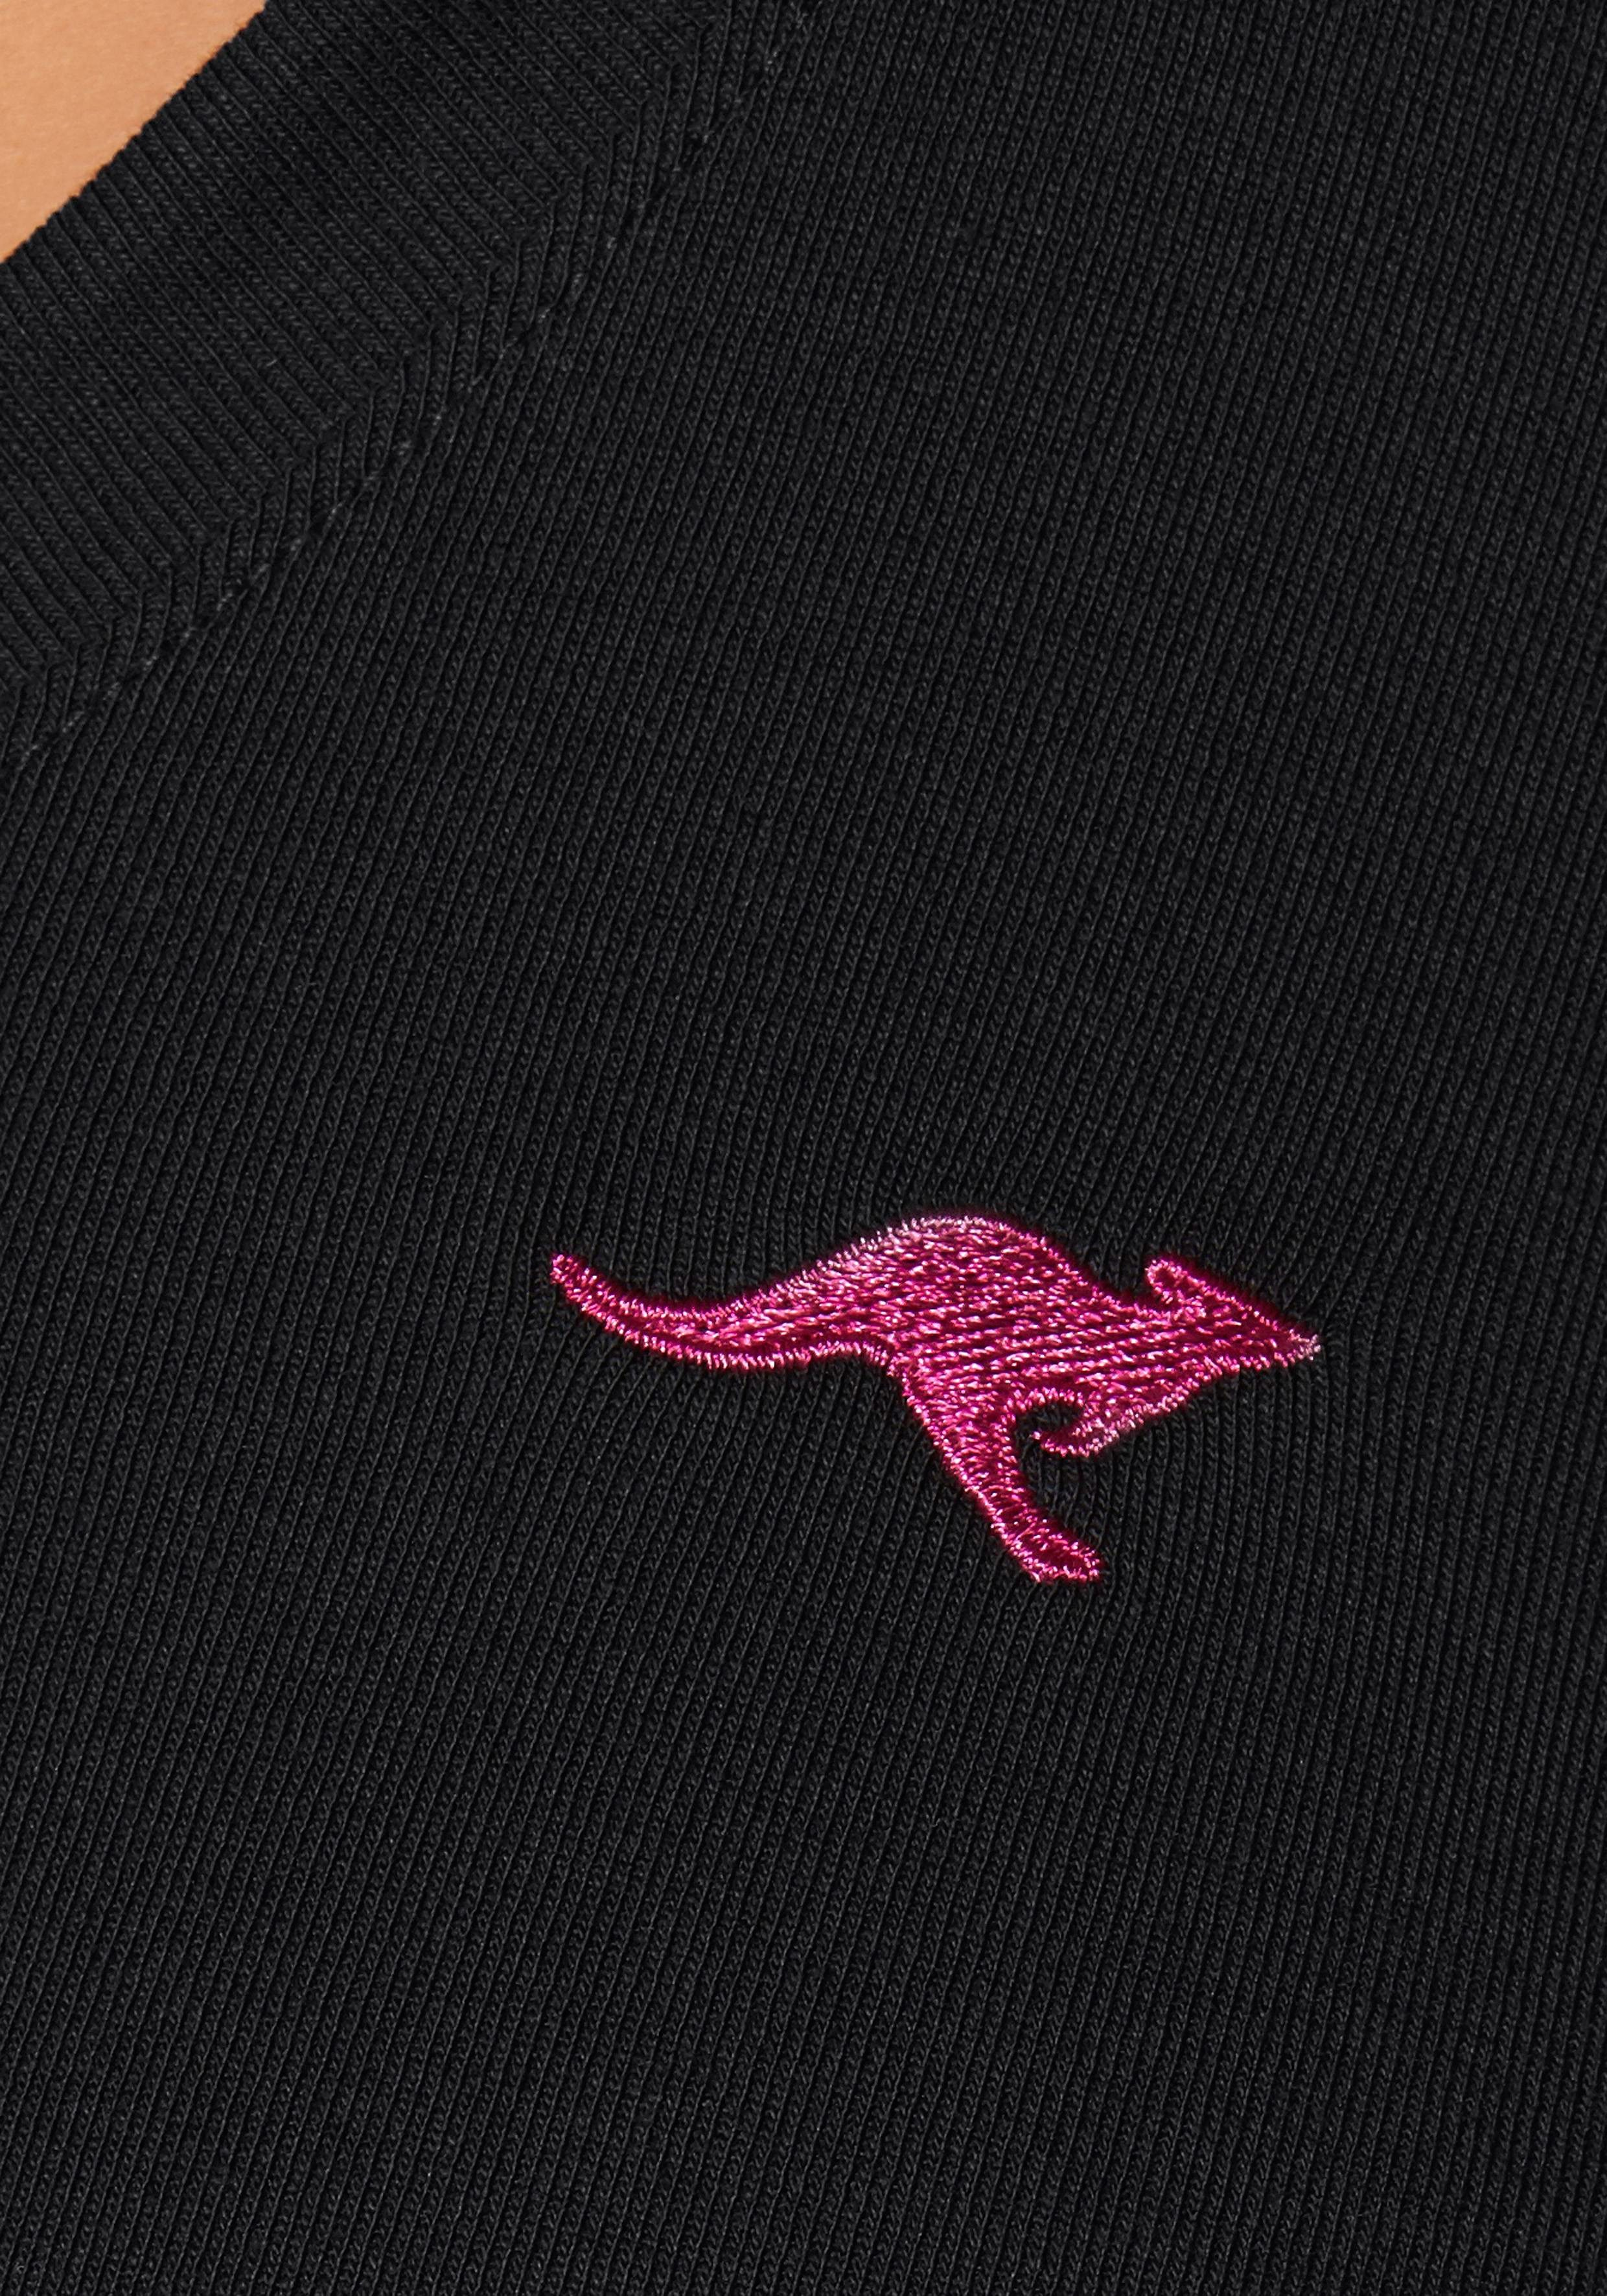 Online Kangaroos Kangaroos Kaufen Kapuzenshirt Kapuzenshirt Kaufen Kangaroos Kaufen Online Online Kapuzenshirt Kangaroos DIWE2H9